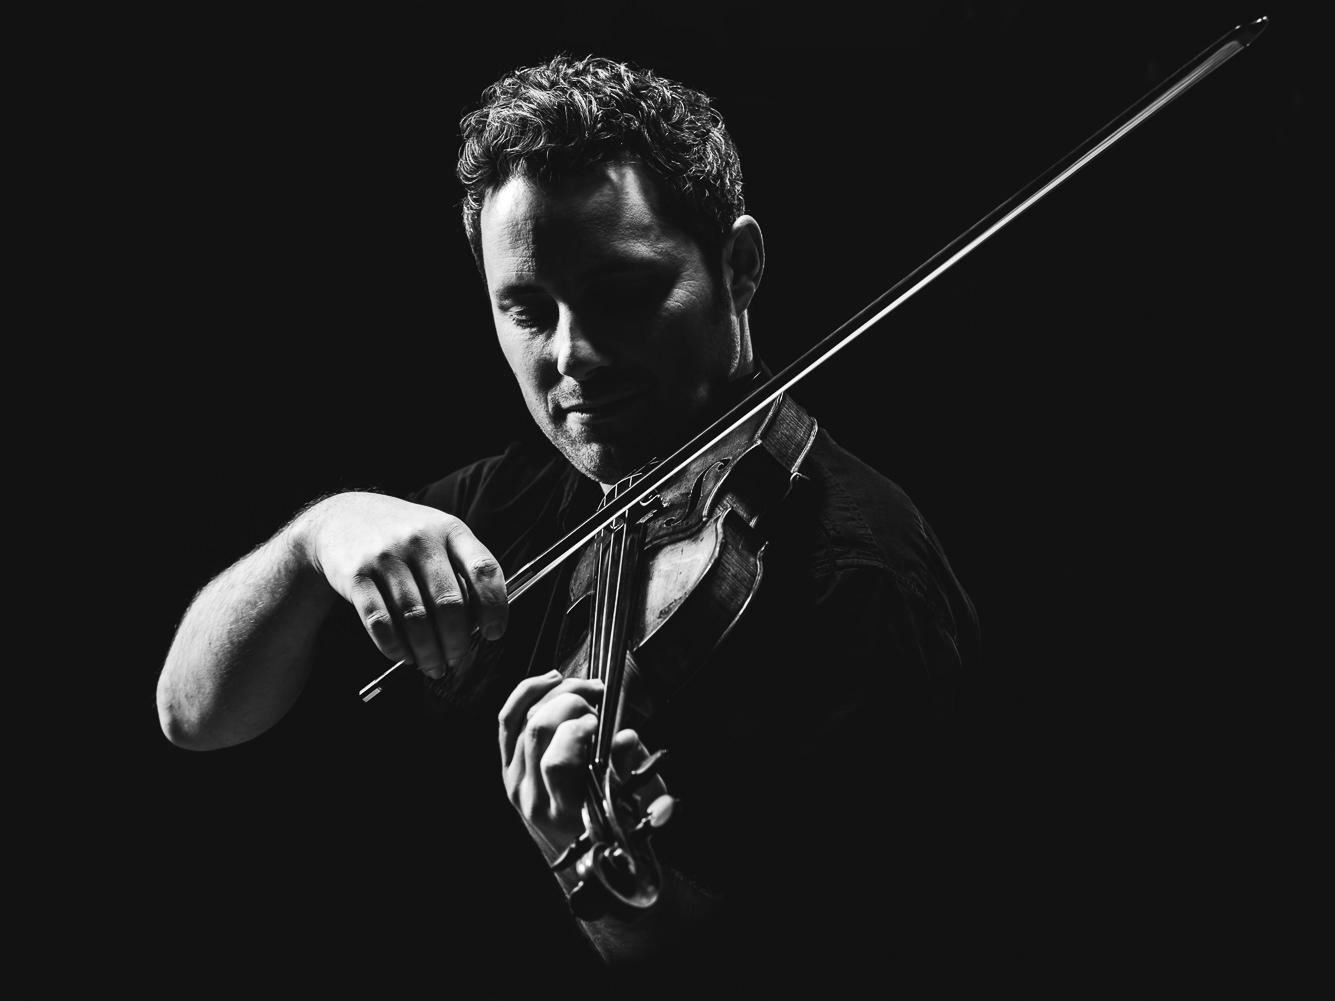 Benoit Cormier - Passionné de toutes les musiques, le violoniste québécois Benoit Cormier s'illustre avant tout sur la scène classique, et ce dès le début des années 2000. C'est Québec qui l'adopte, d'abord pour sa formation académique et ensuite sa carrière. Membre de l'Orchestre symphonique de Québec, Benoit Cormier est également très actif dans les domaines de la musique de chambre et de la musique nouvelle.Tant sur la scène locale qu'internationale, les collaborations sont nombreuses : le quatuor Cartier, E27, et les Violons du Roy avec qui il effectue une tournée européenne et nord-américaine ne sont que quelques exemples.On a également pu l'entendre comme soliste, entre autres avec l'OSQ. Il est fréquemment invité en tant que professeur, maître ou juré dans différents festivals, concours et académies afin de transmettre sa passion. Les Eurochestries internationales lui donnent l'occasion de côtoyer de jeunes talents de partout dans le monde. Benoit Cormier est également reconnu comme arrangeur et il n'hésite pas à décloisonner les genres, comme en témoignent ses nombreuses collaborations avec son frère, l'auteur-compositeur-interprète Louis-Jean Cormier. Engagé dans sa communauté, le violoniste est co-fondateur des Porteurs de musique, un organisme qui vise à intégrer les bienfaits musique dans toutes les couches de la société, et il est ambassadeur de Collaboration Santé Internationale, une organisation d'aide humanitaire.